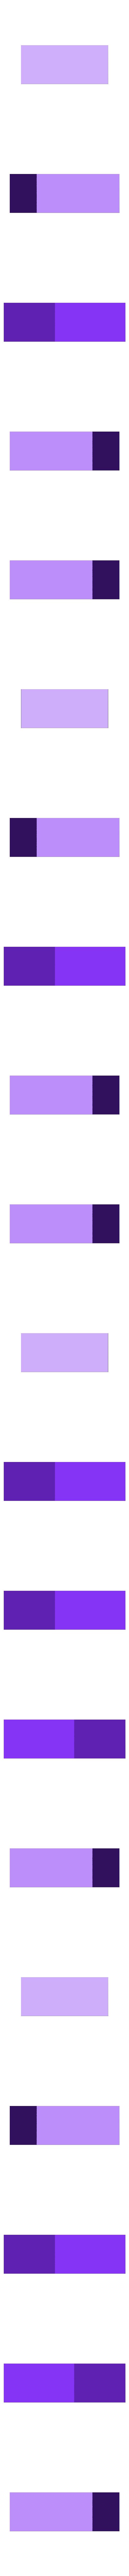 20cm.stl Télécharger fichier STL gratuit Etagère en forme de boîte (25/20/15 cm) • Modèle pour imprimante 3D, EliGreen